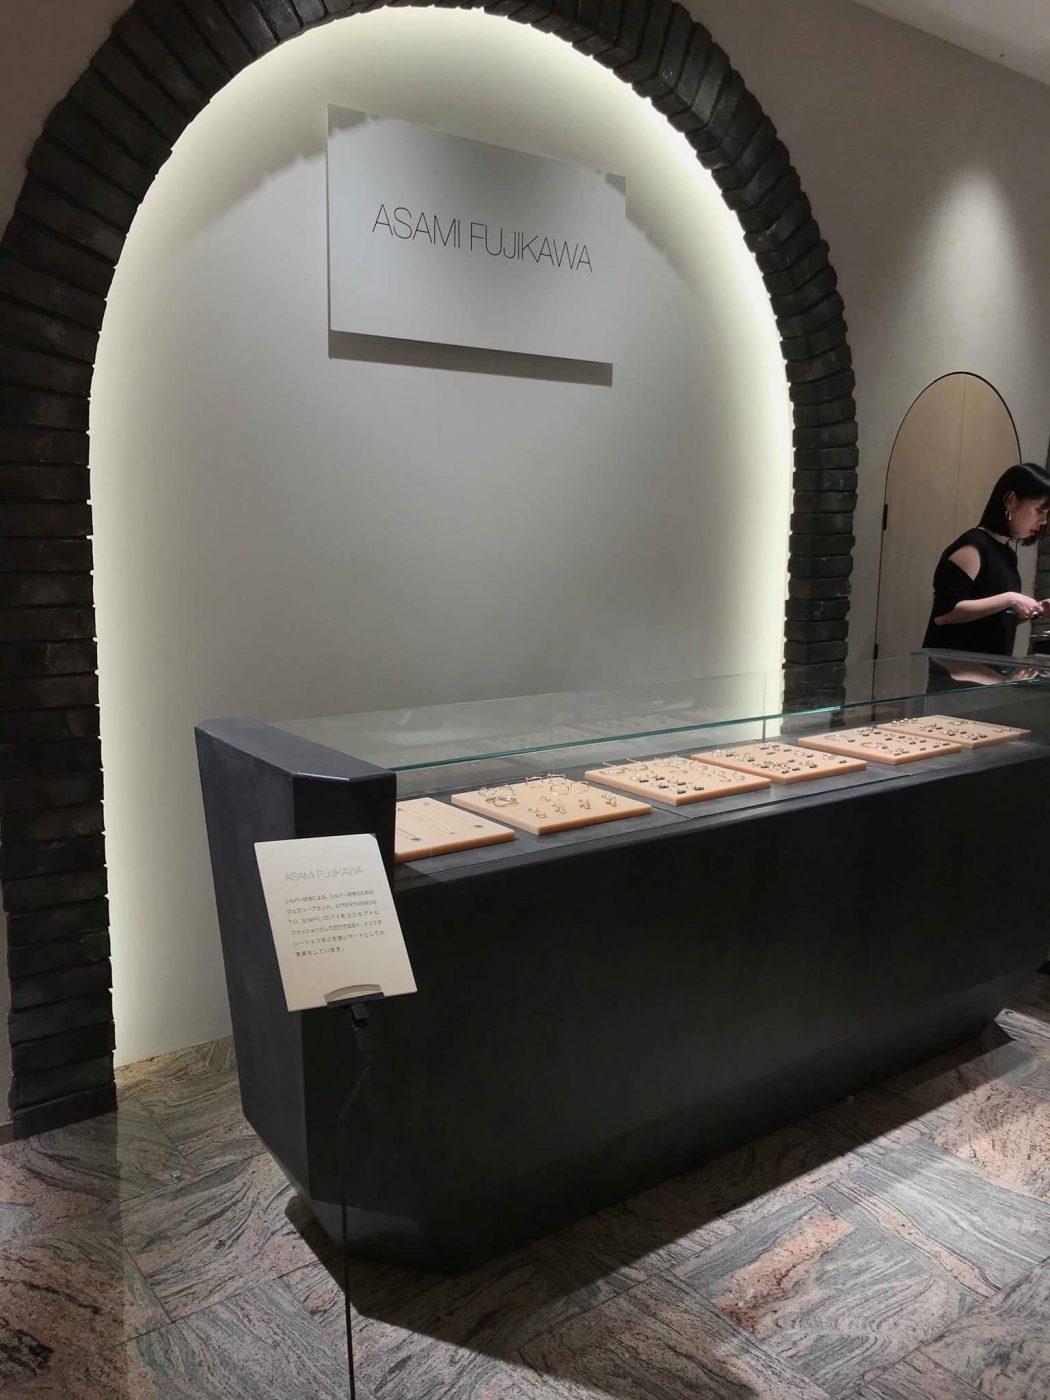 ASAMI FUJIKAWA Limited shop